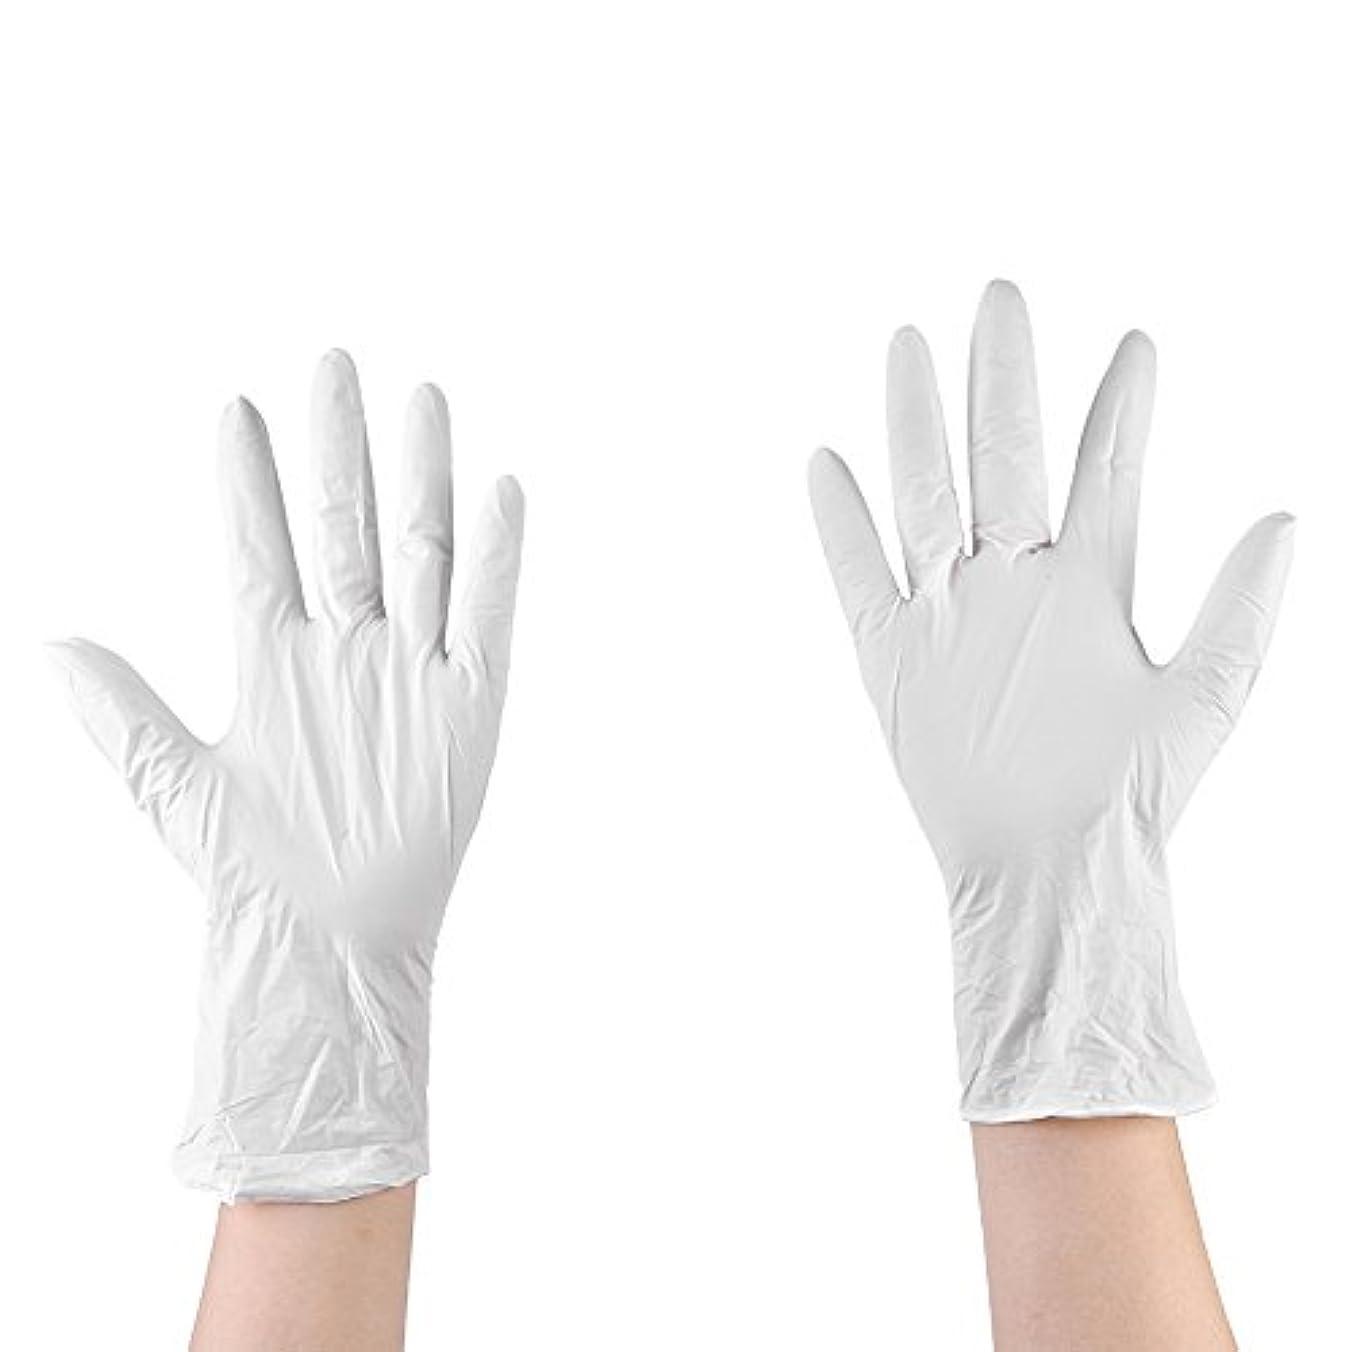 深遠バナーホームレス使い捨て手袋 ニトリルグローブ ホワイト 粉なし タトゥー/歯科/病院/研究室に適応 M/L選択可 50枚 左右兼用 作業手袋(M)